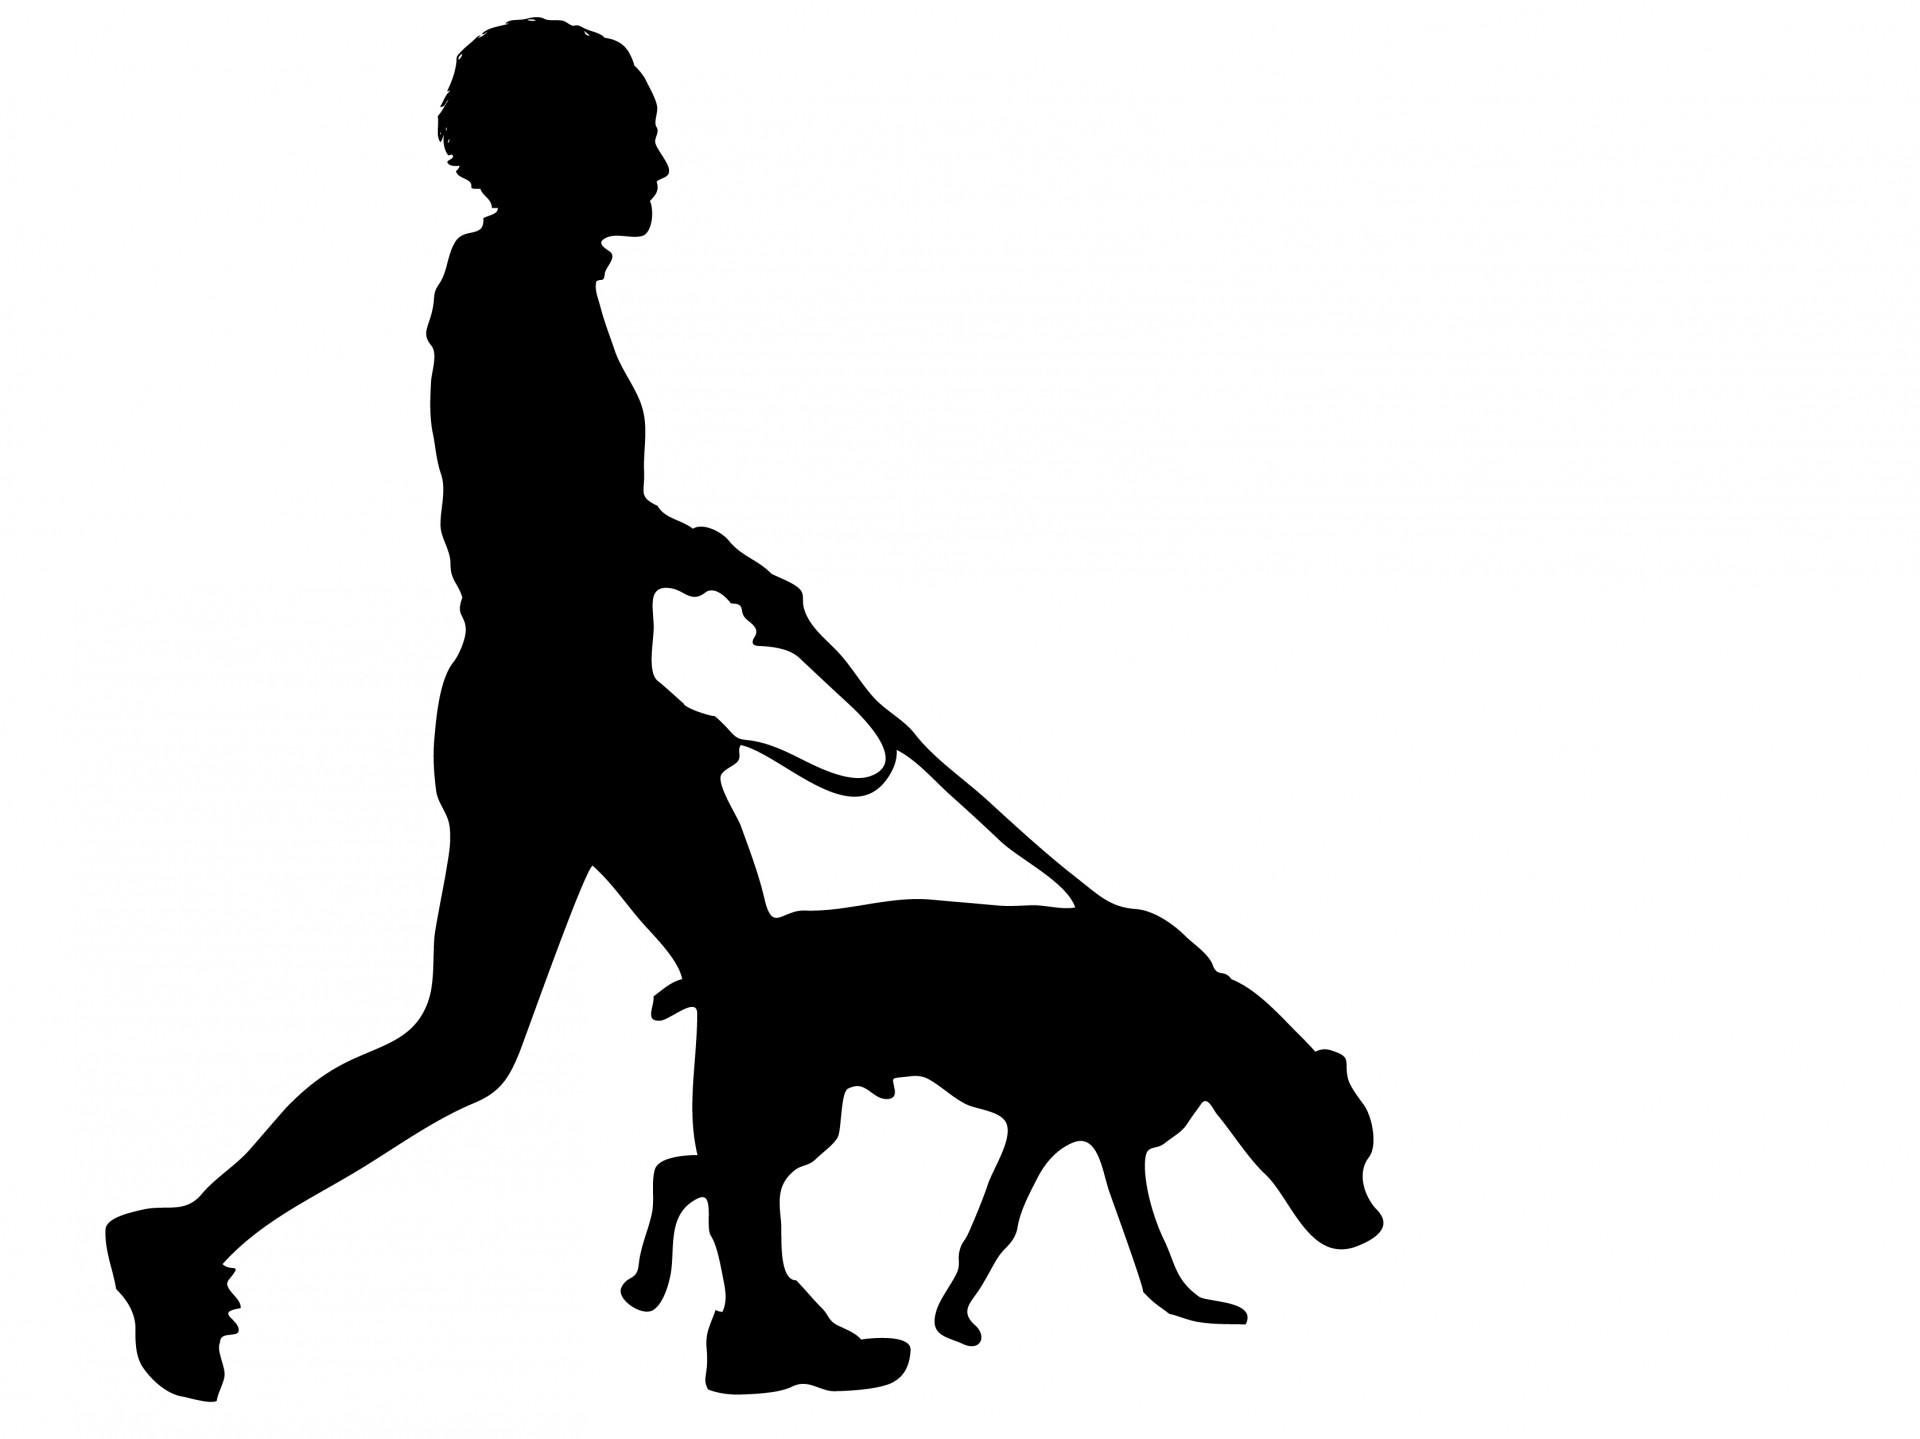 Walking the dog clipart image free stock Dog Walking Clipart & Dog Walking Clip Art Images - ClipartALL.com image free stock